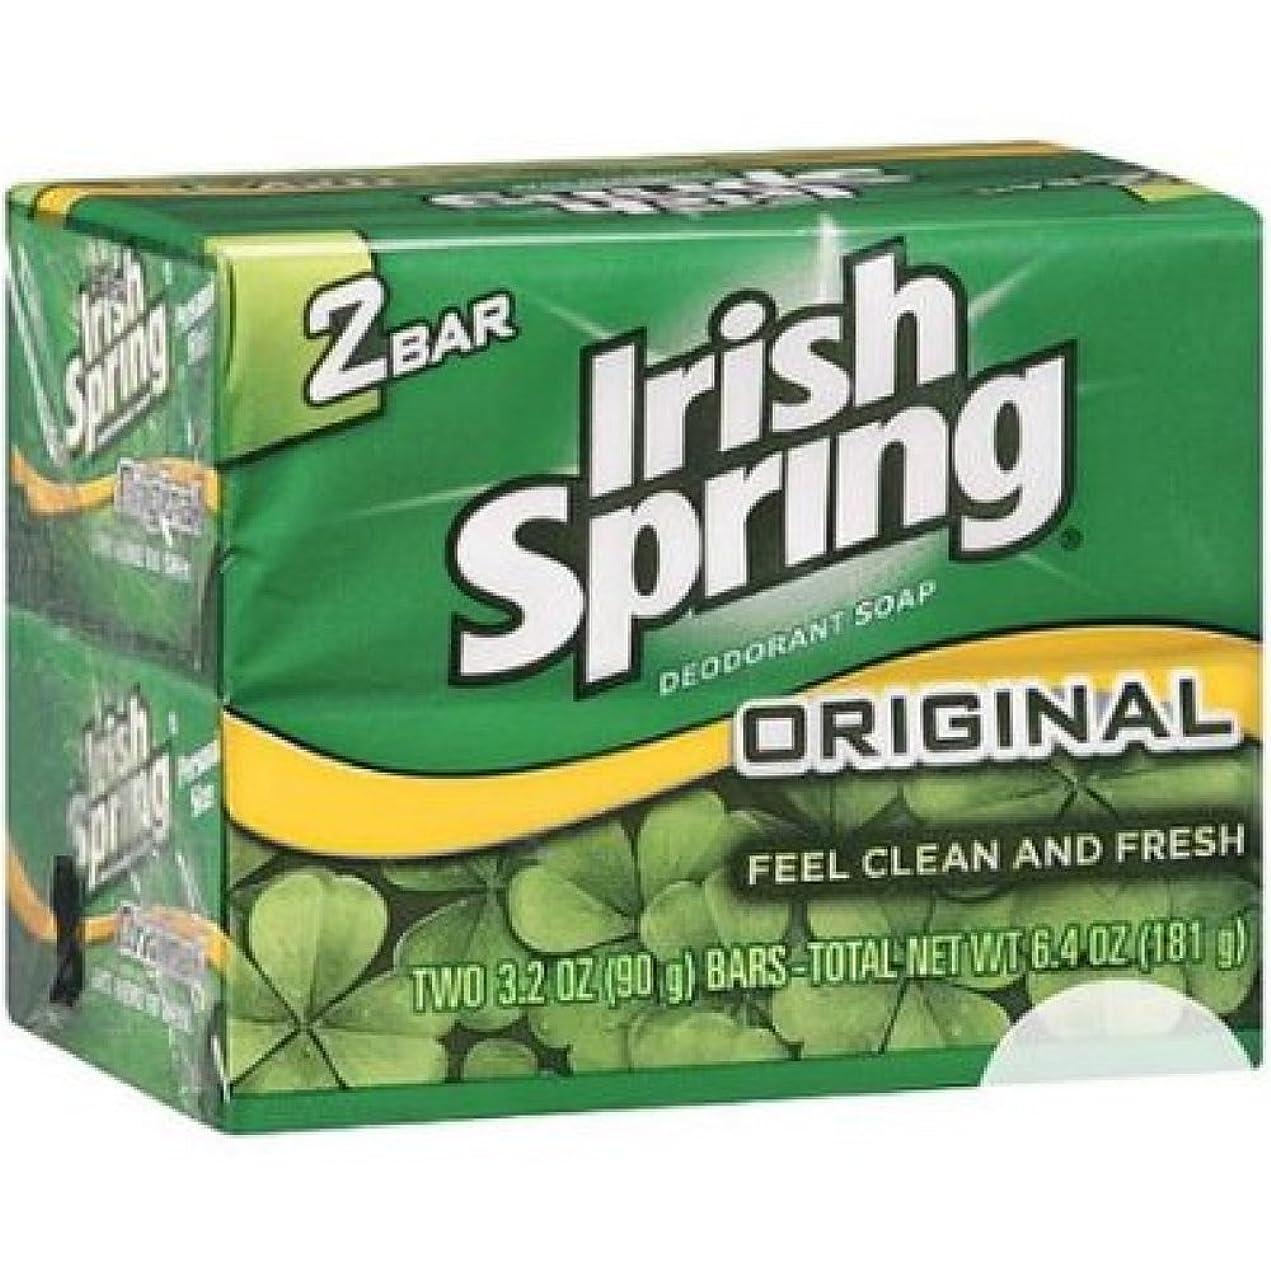 ヒゲクジラ反対する郵便番号Irish Spring オリジナルデオドラント石鹸、3.20オズバー、2 Eaは 8パック